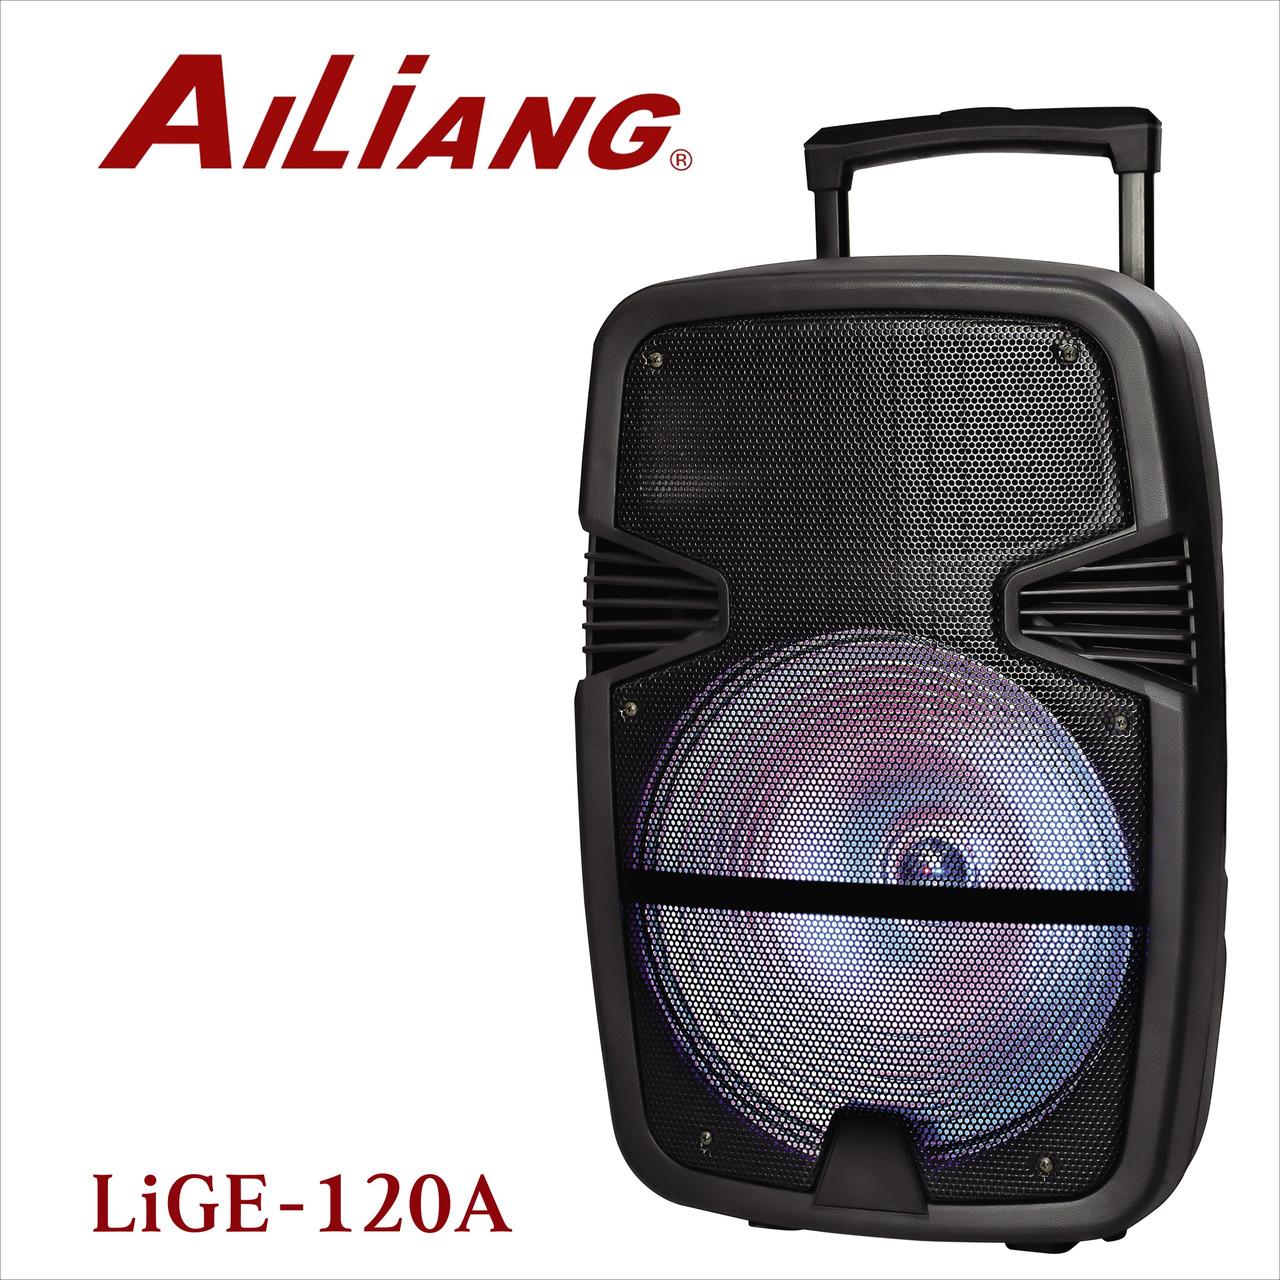 Аккумуляторная колонка чемодан Ailiang LiGE-120A, беспроводная 8 дюймовая акустика, комбоусилитель